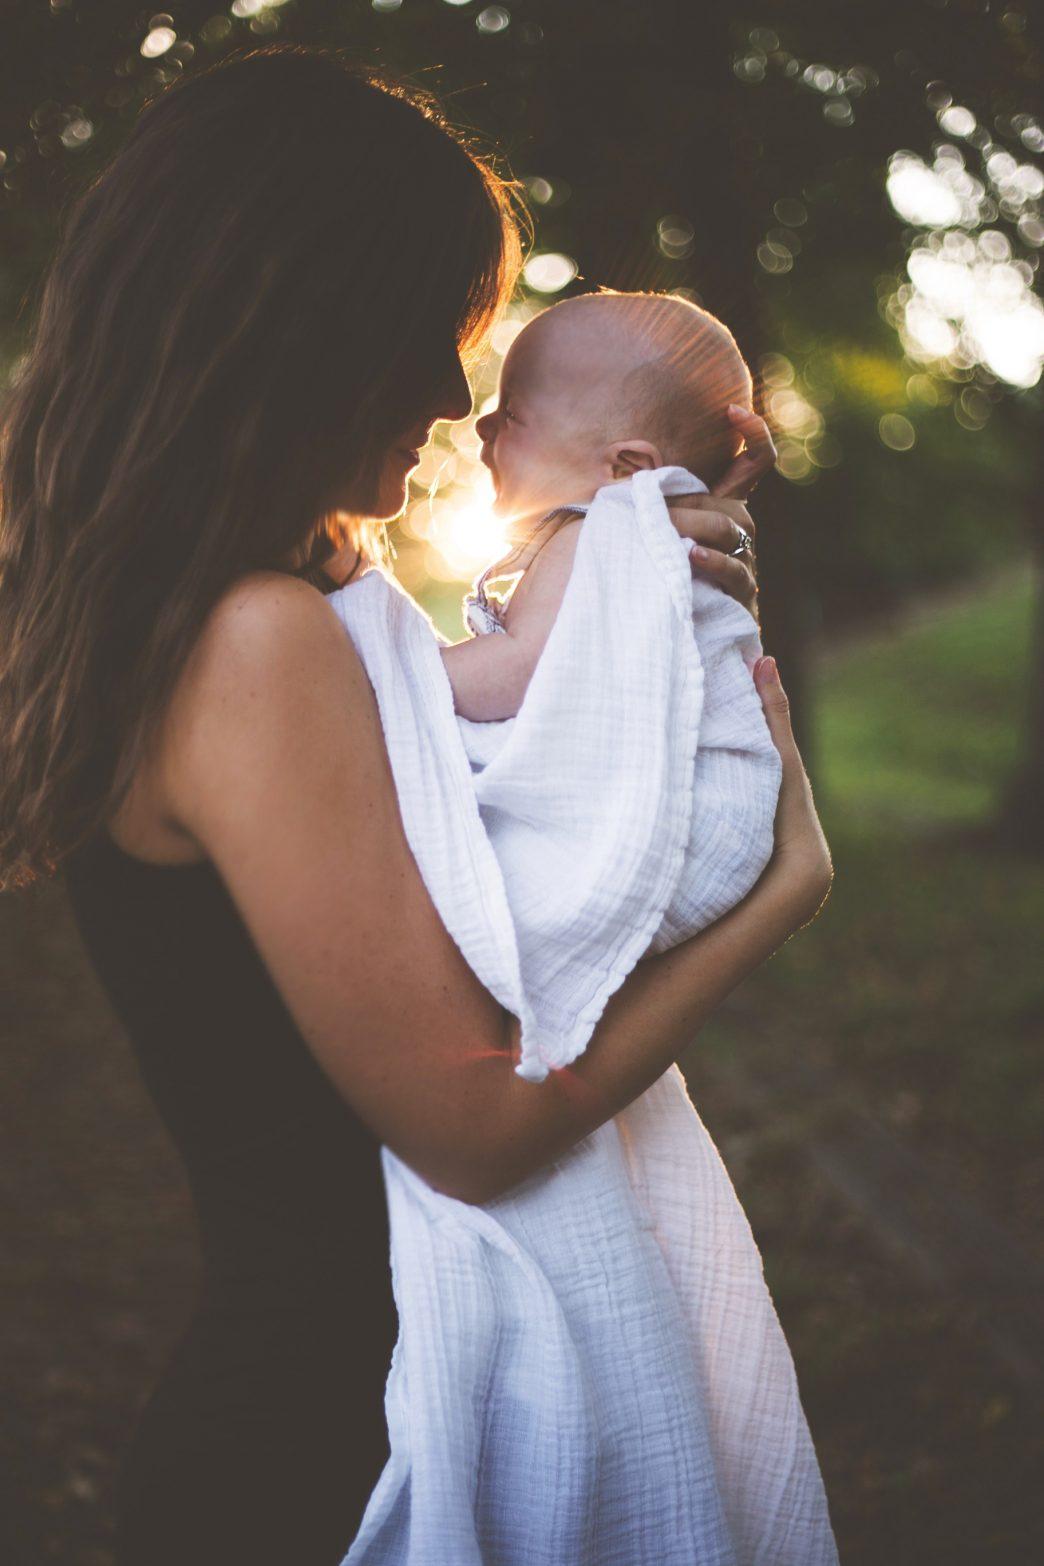 koortslip gevaarlijk voor baby's